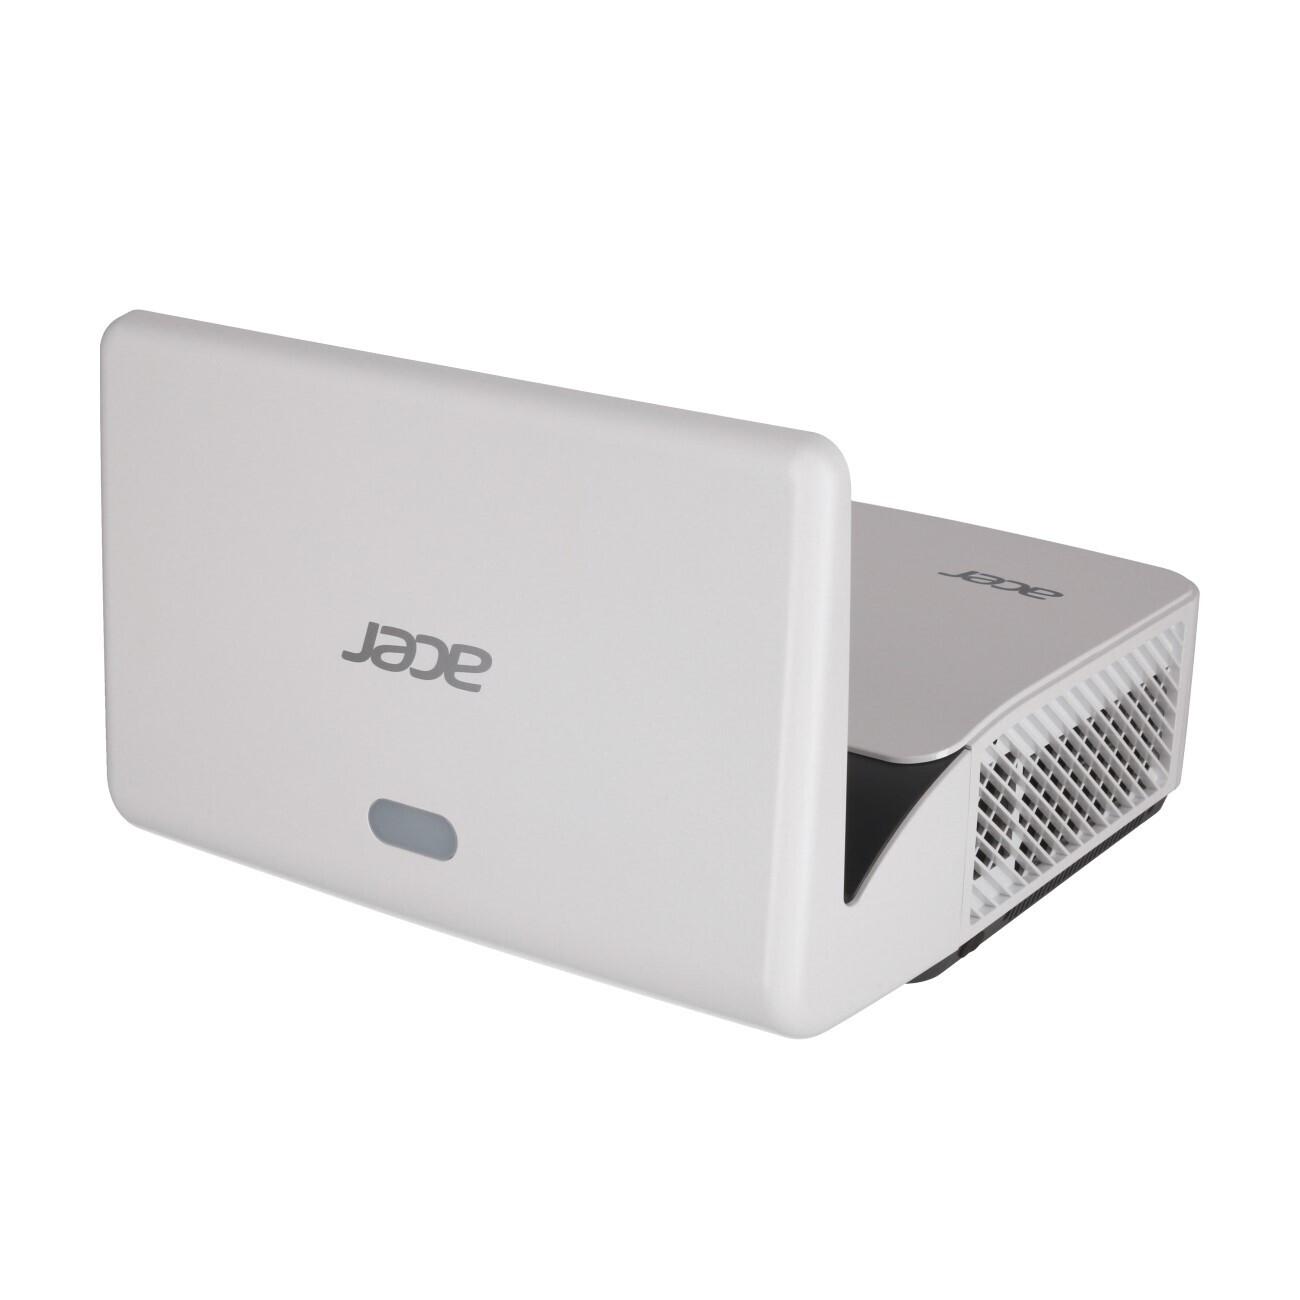 Acer U5320W - Demoware Gold